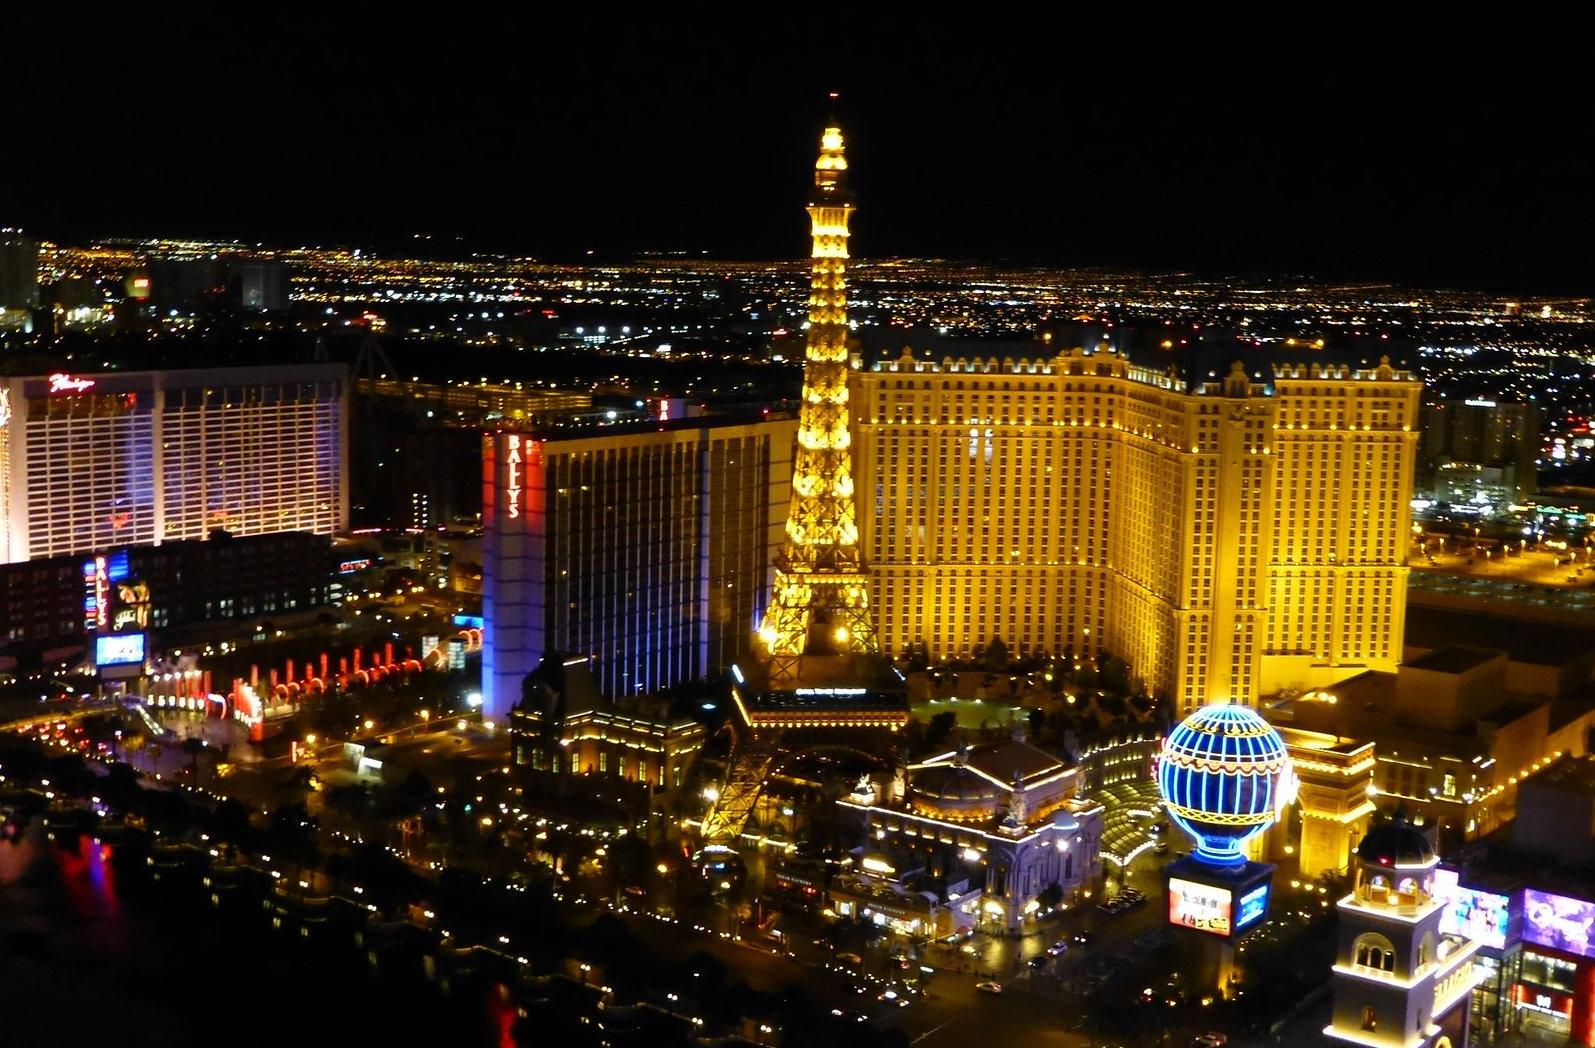 Vue du Bellagio Las Vegas